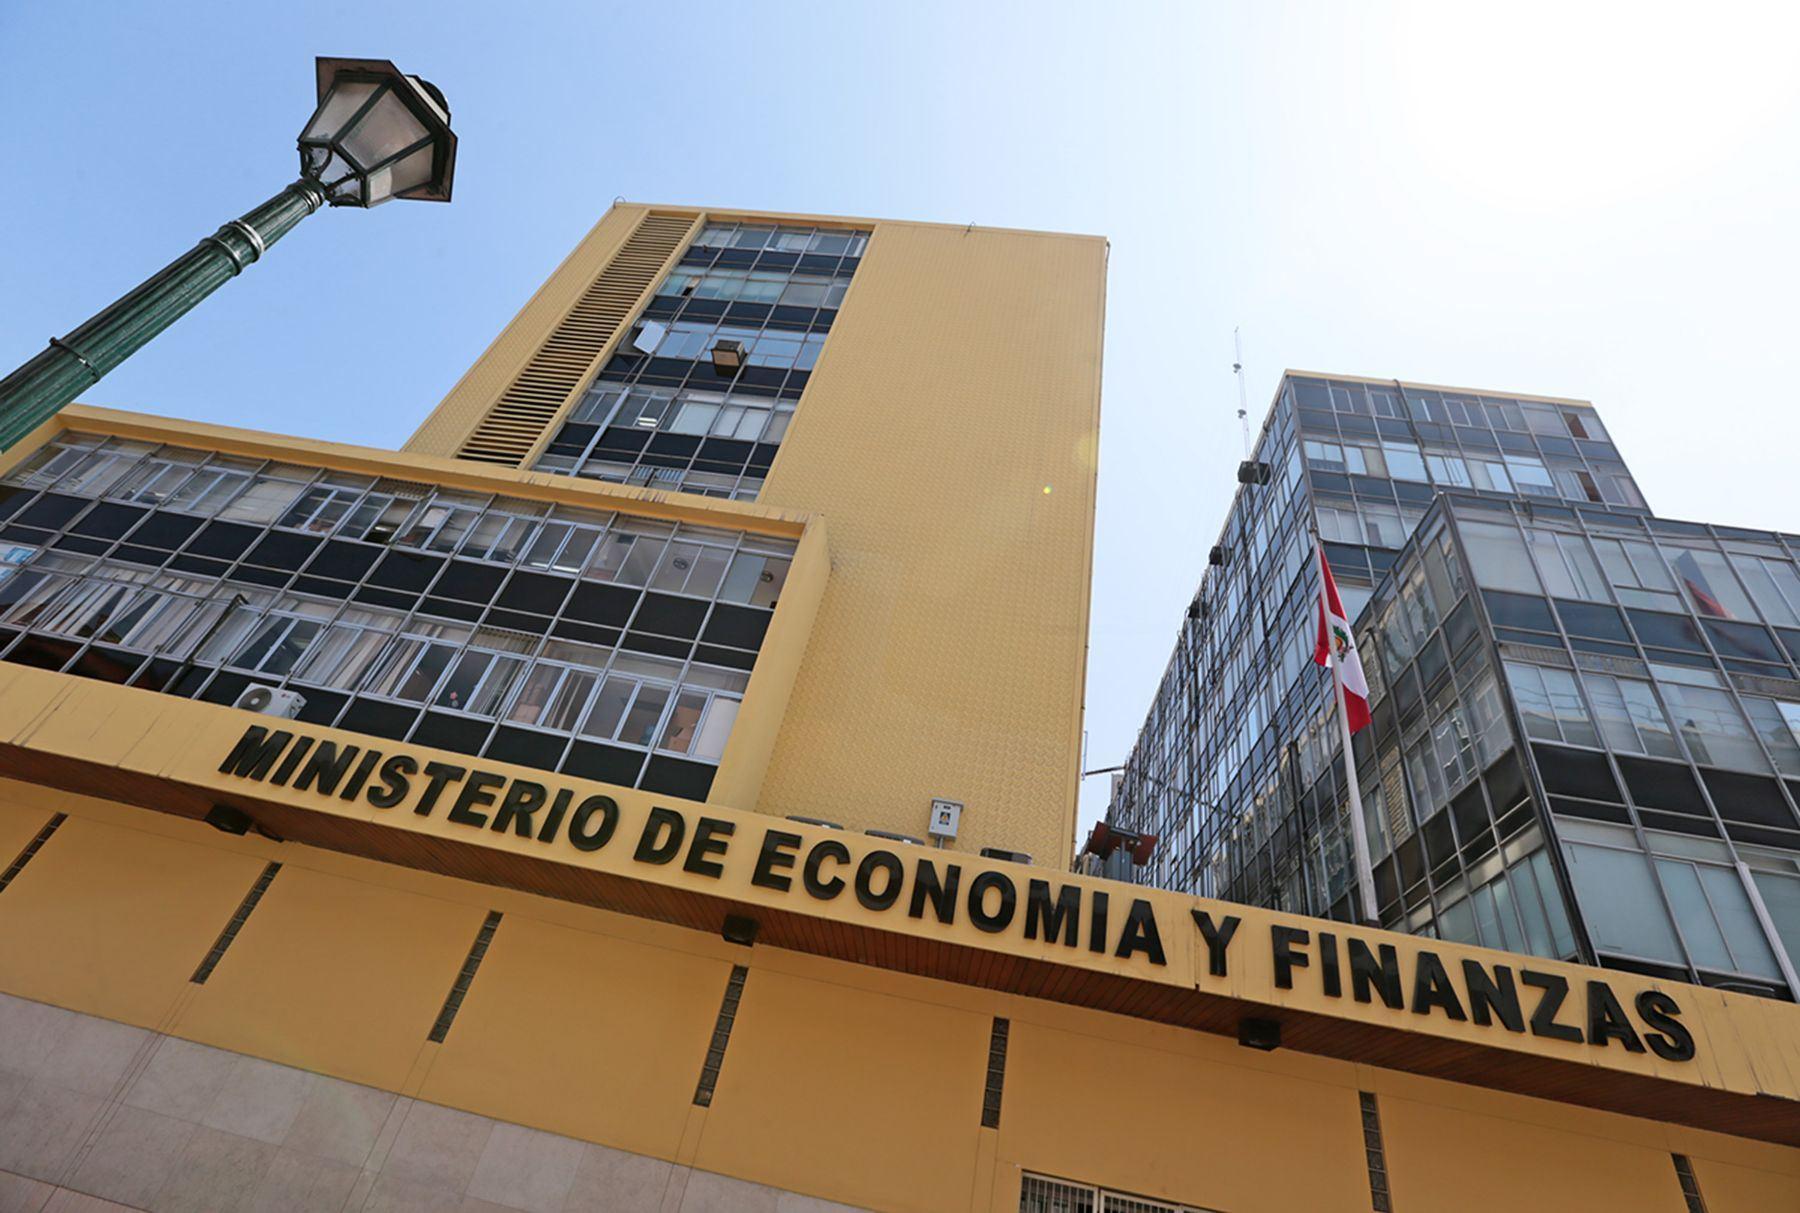 Próximo ministro de Economía debe dar un mensaje de tranquilidad a los mercados